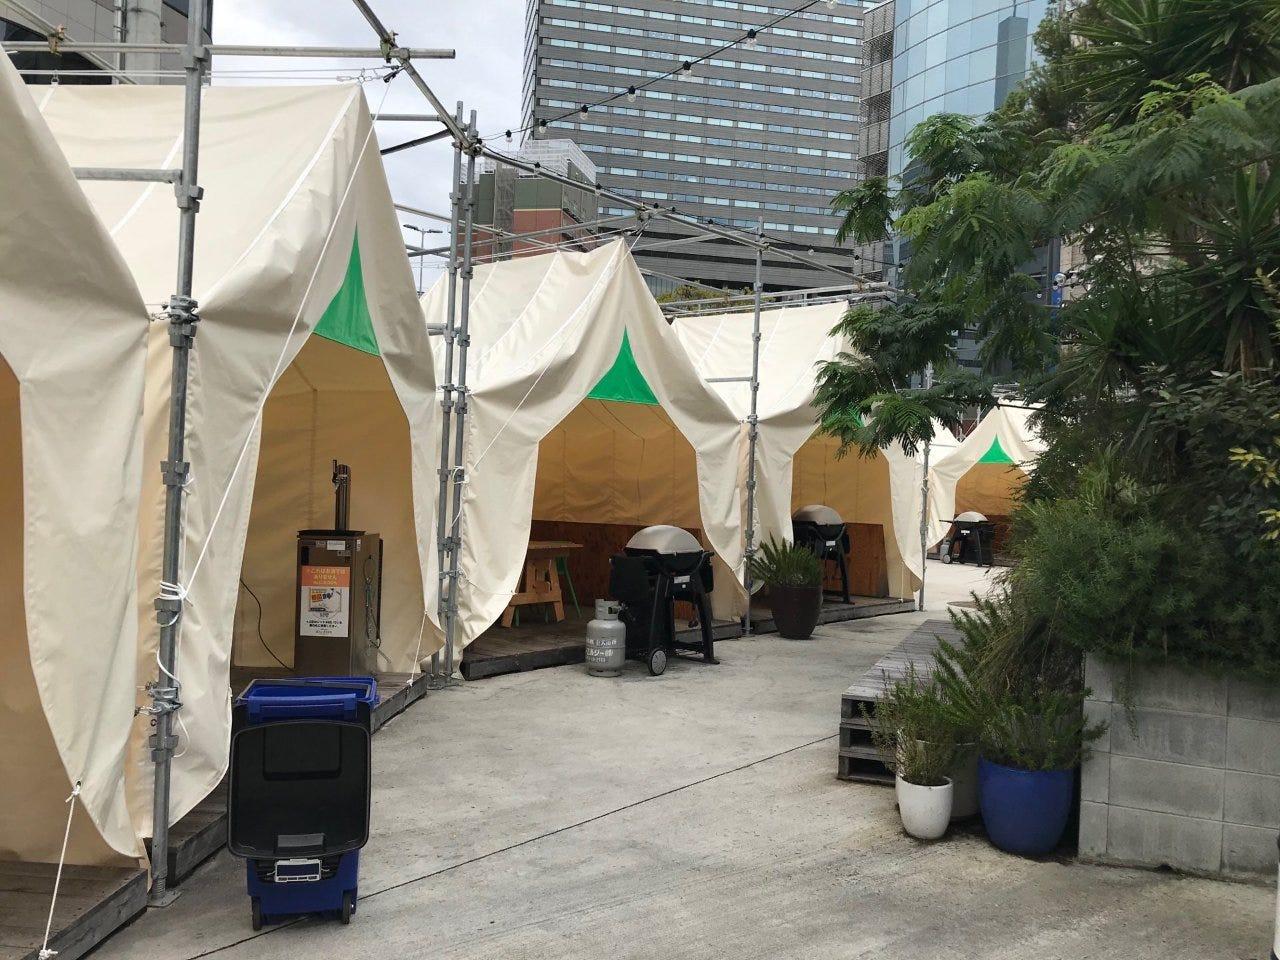 テントがリニューアル!開放感溢れる空間で手ぶらBBQ!